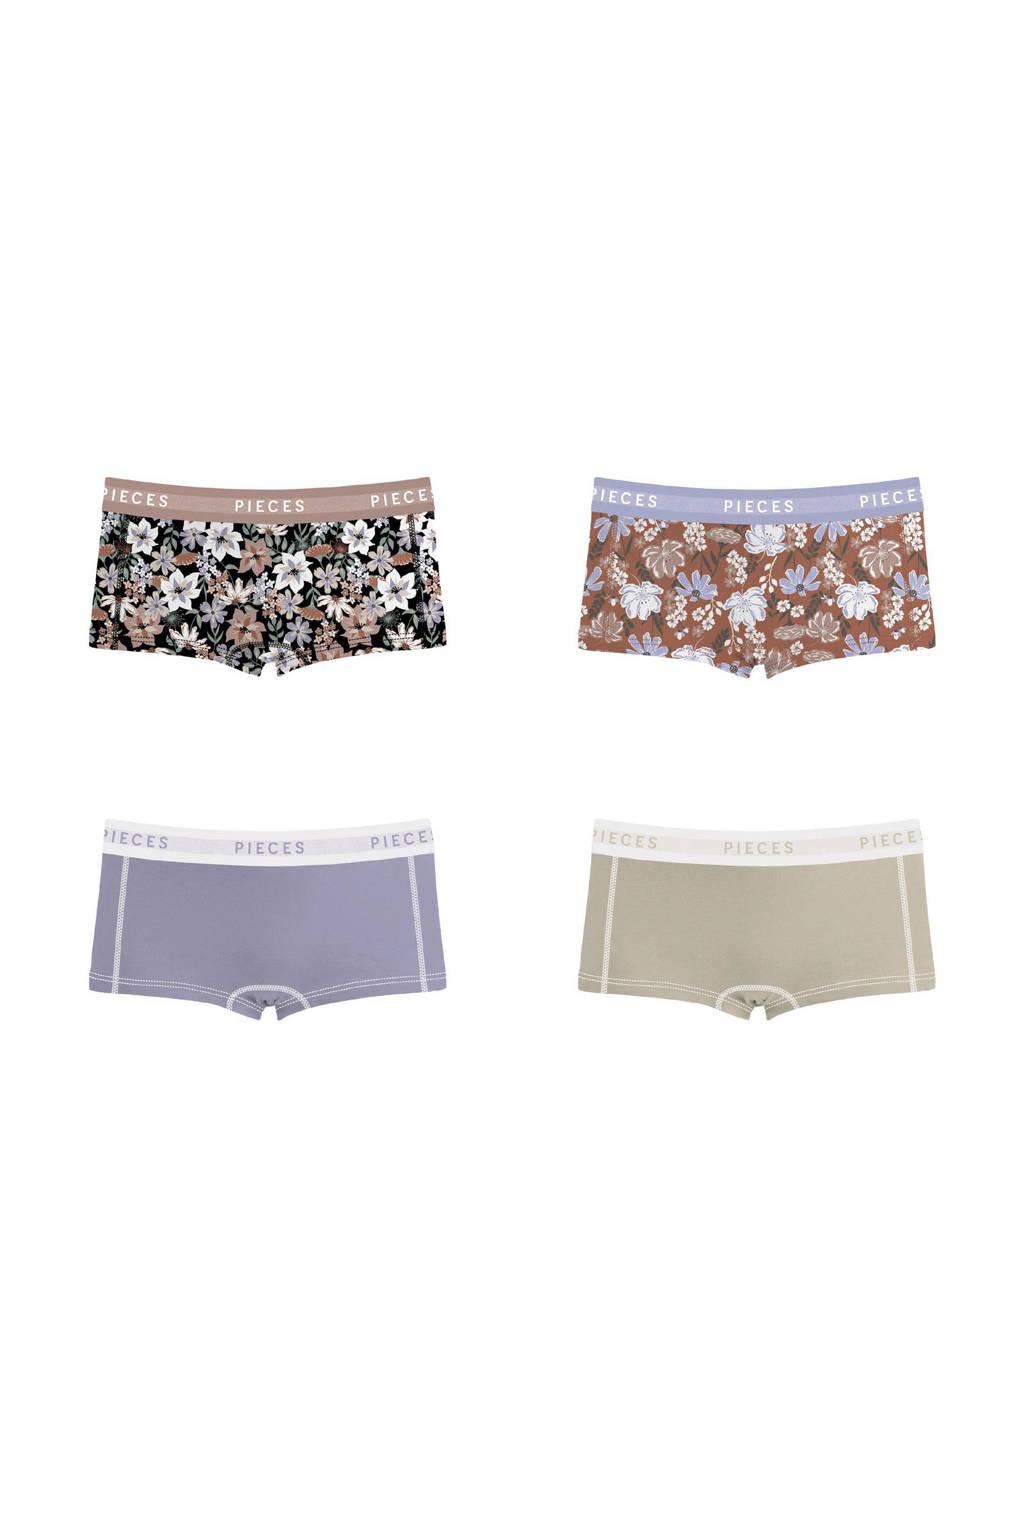 PIECES short (set van 4), Lavendel/Multi